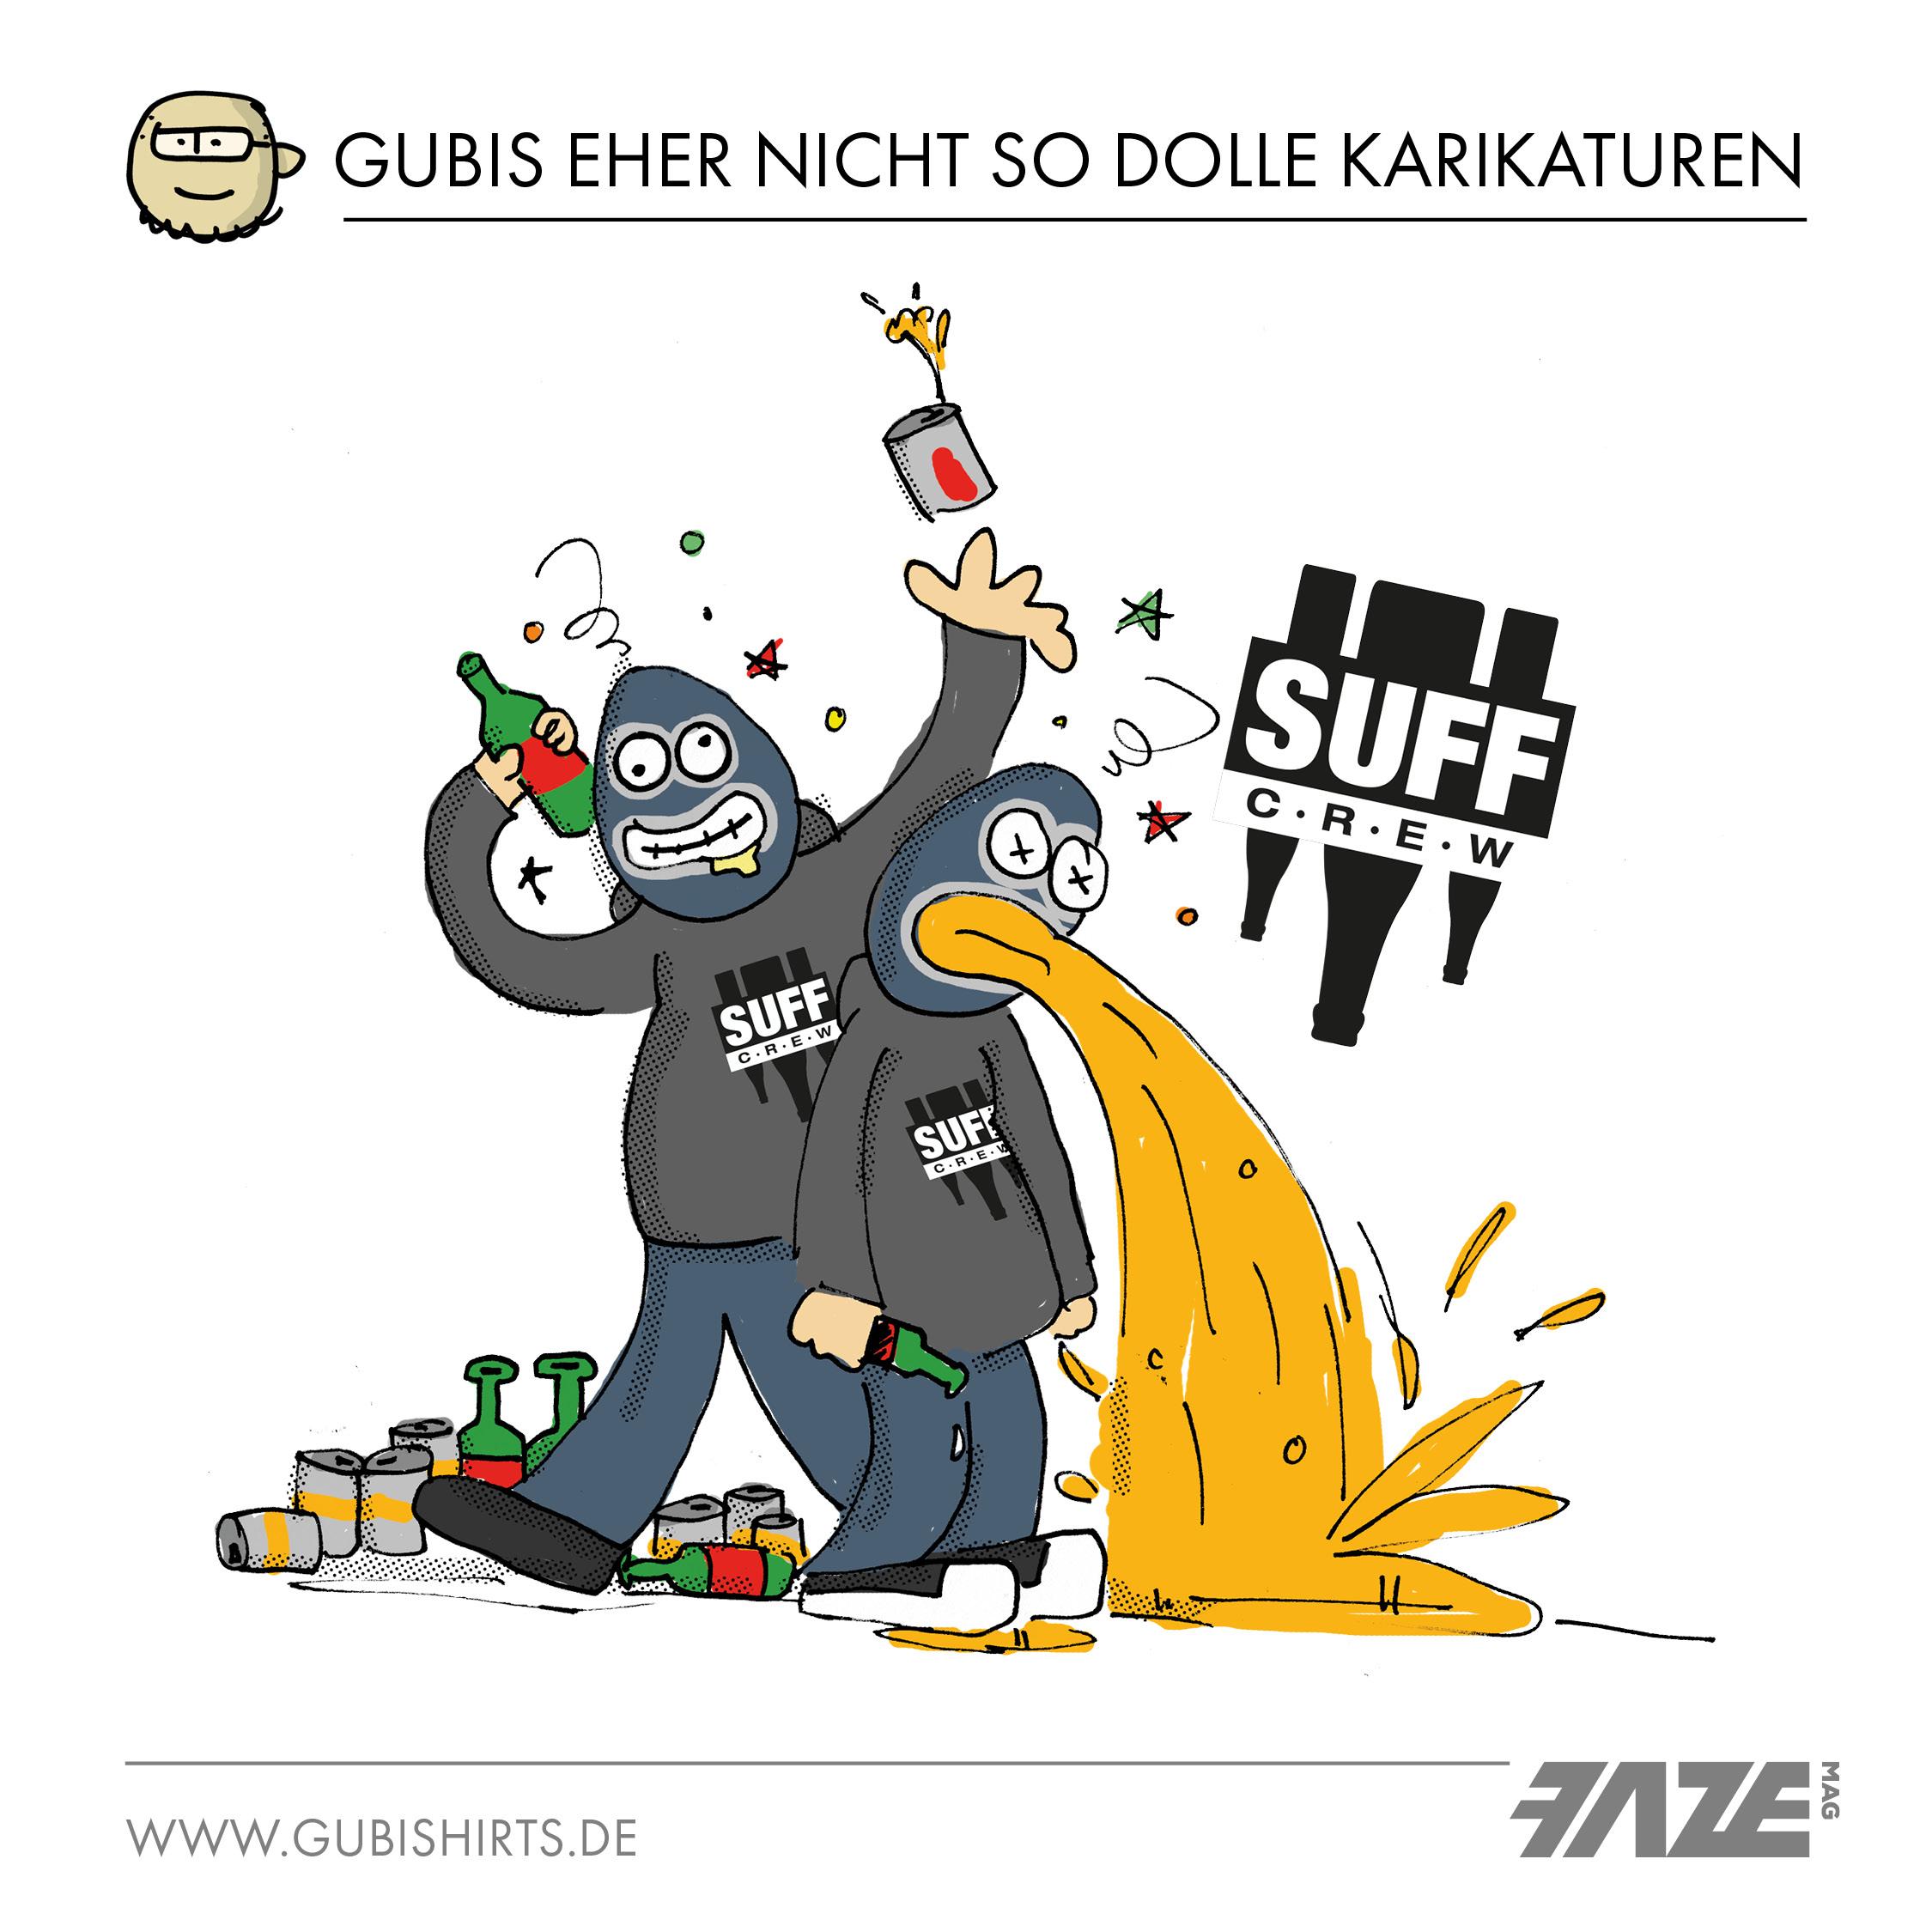 Suff Suff Crew